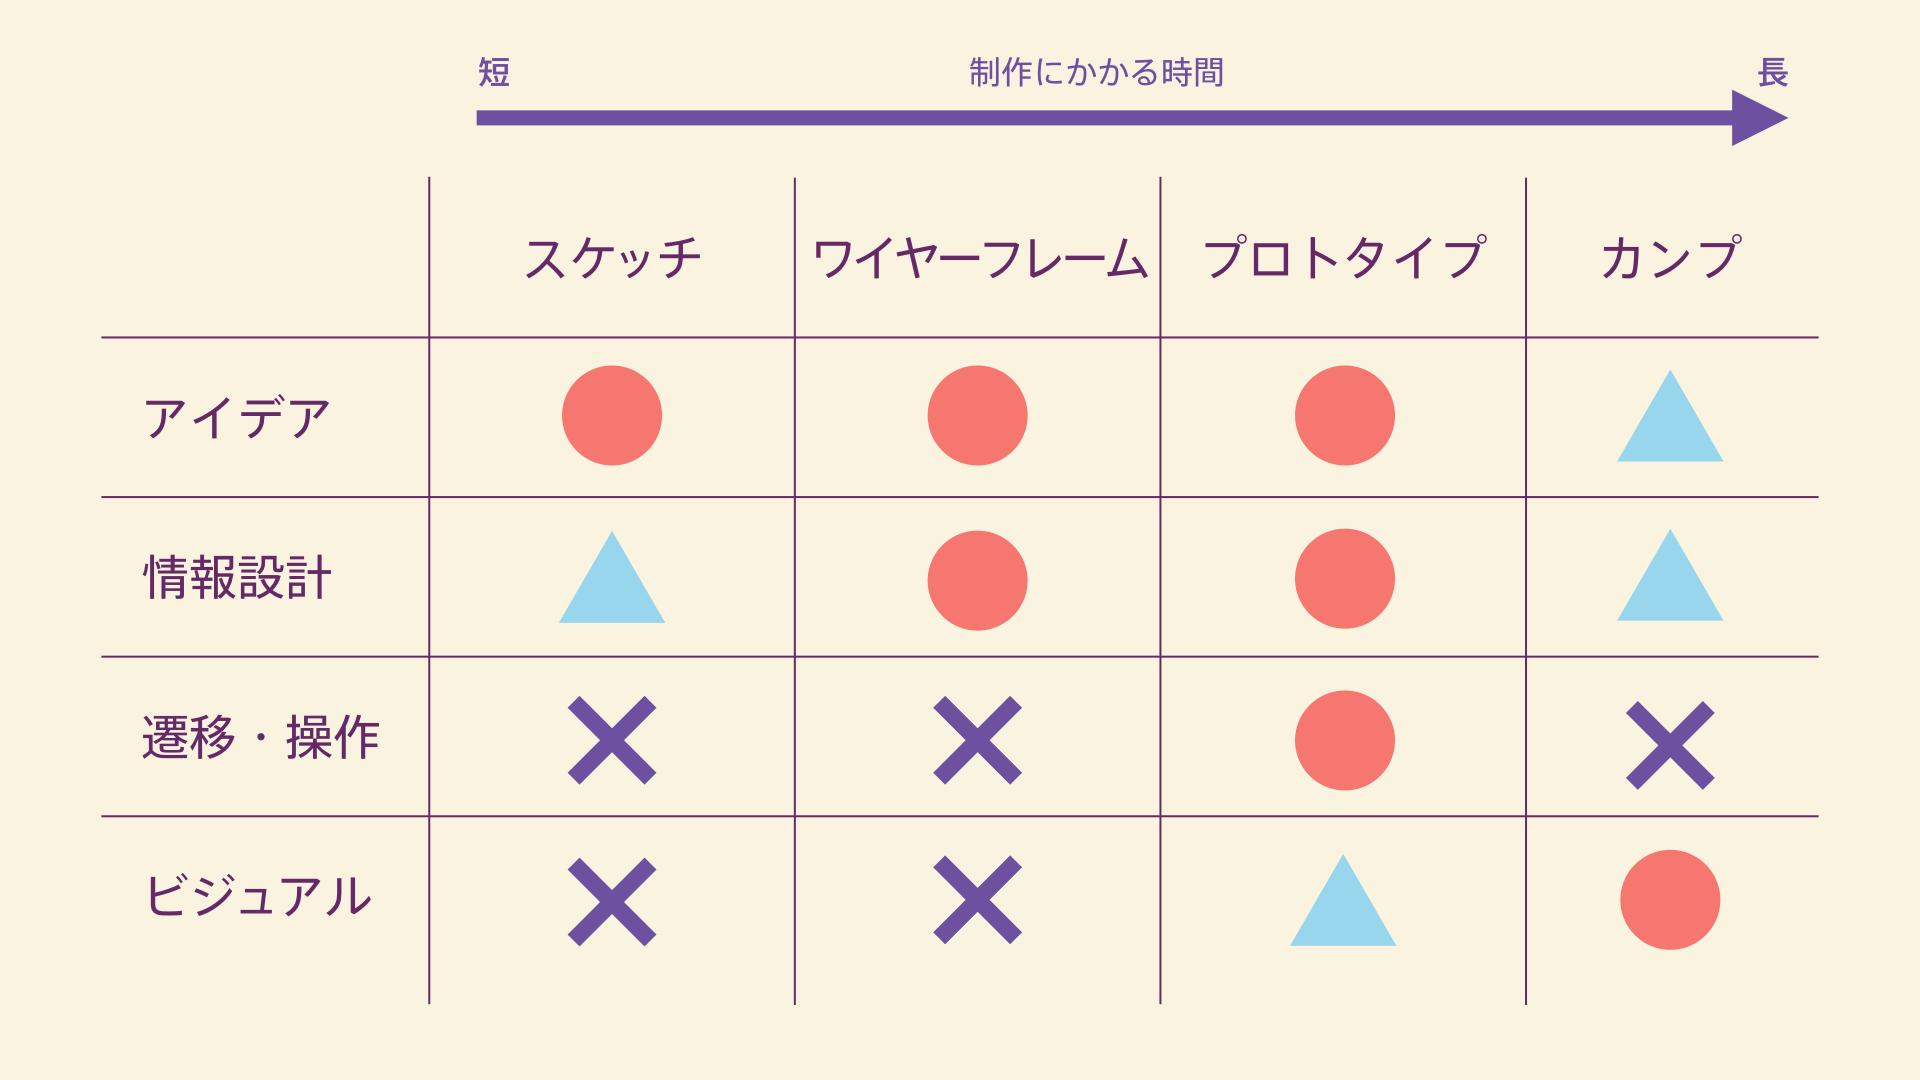 デザインフィードバックのために作る成果物の比較表